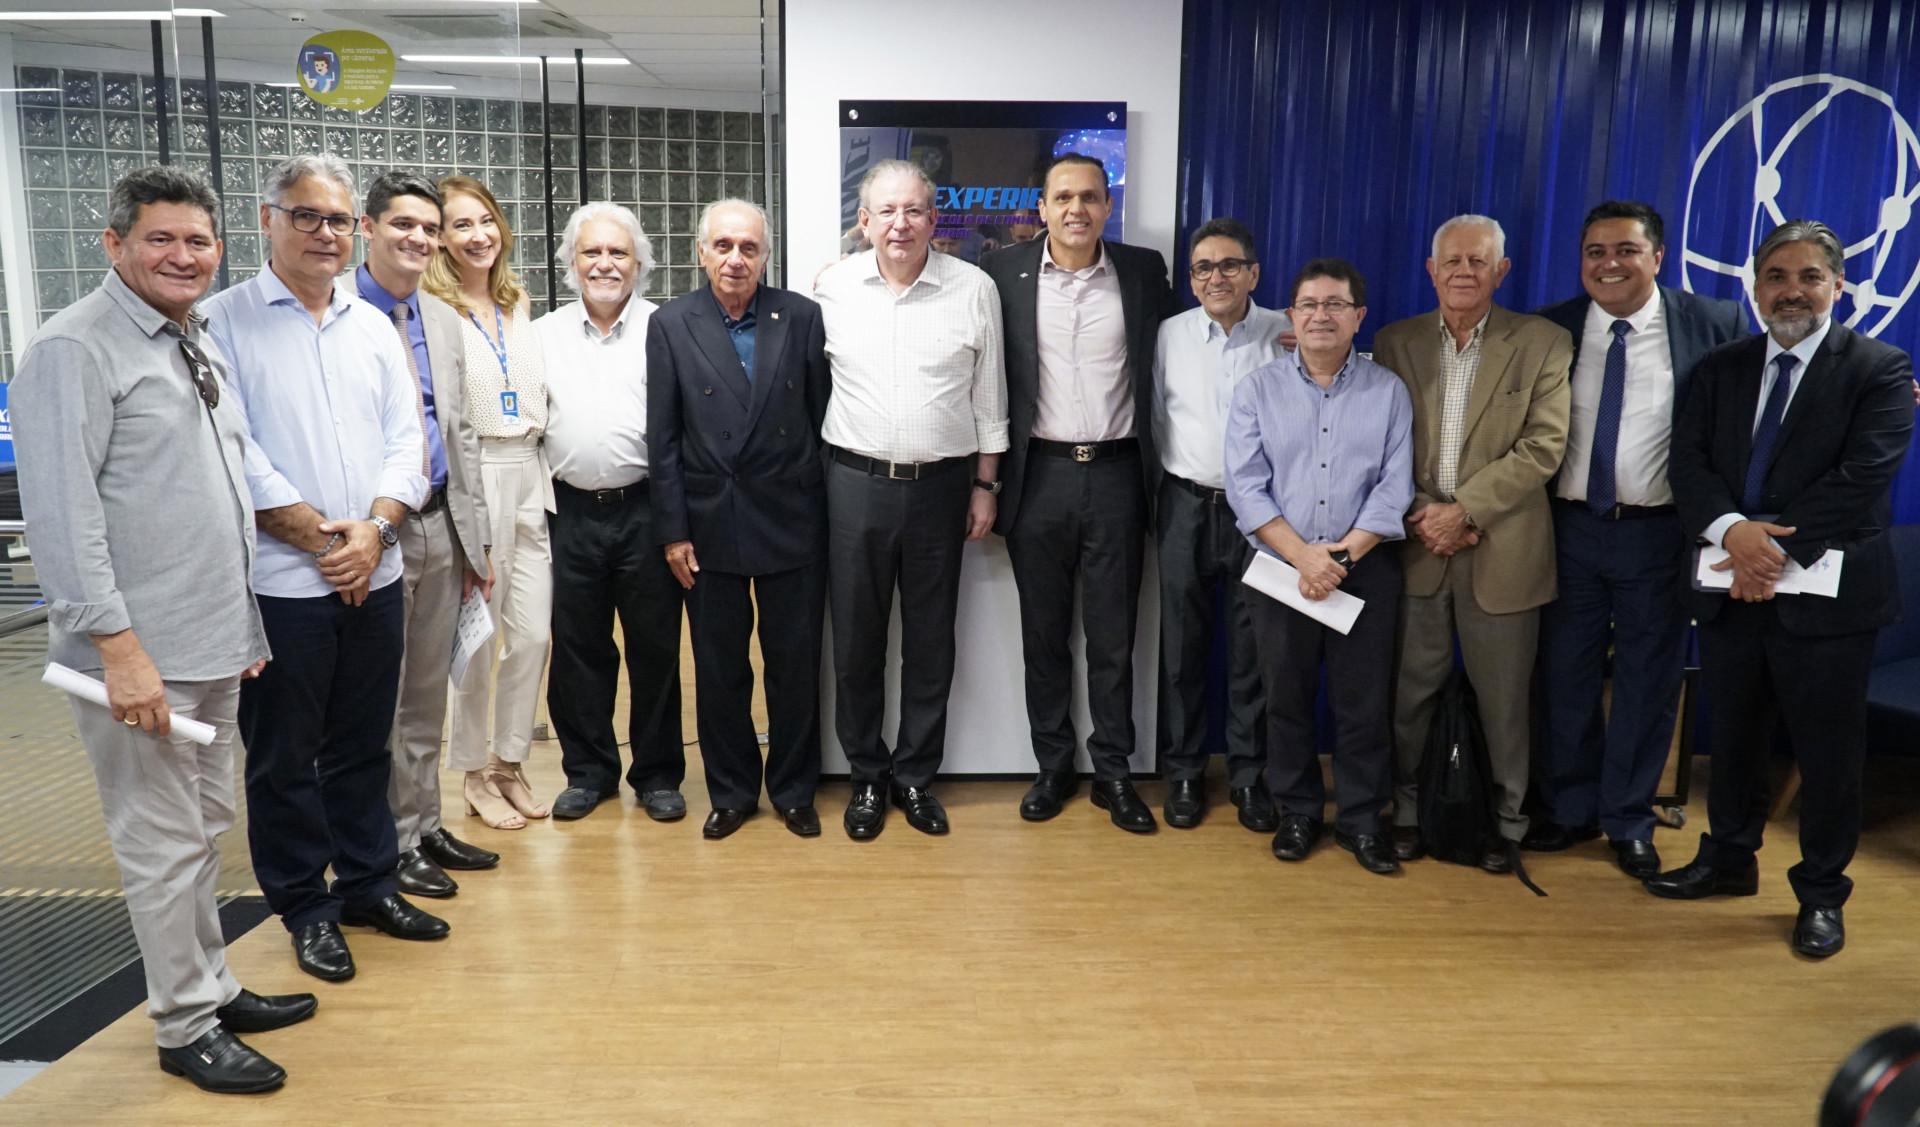 Inauguração da escola de conhecimento do Sebrae Ceará, Experience